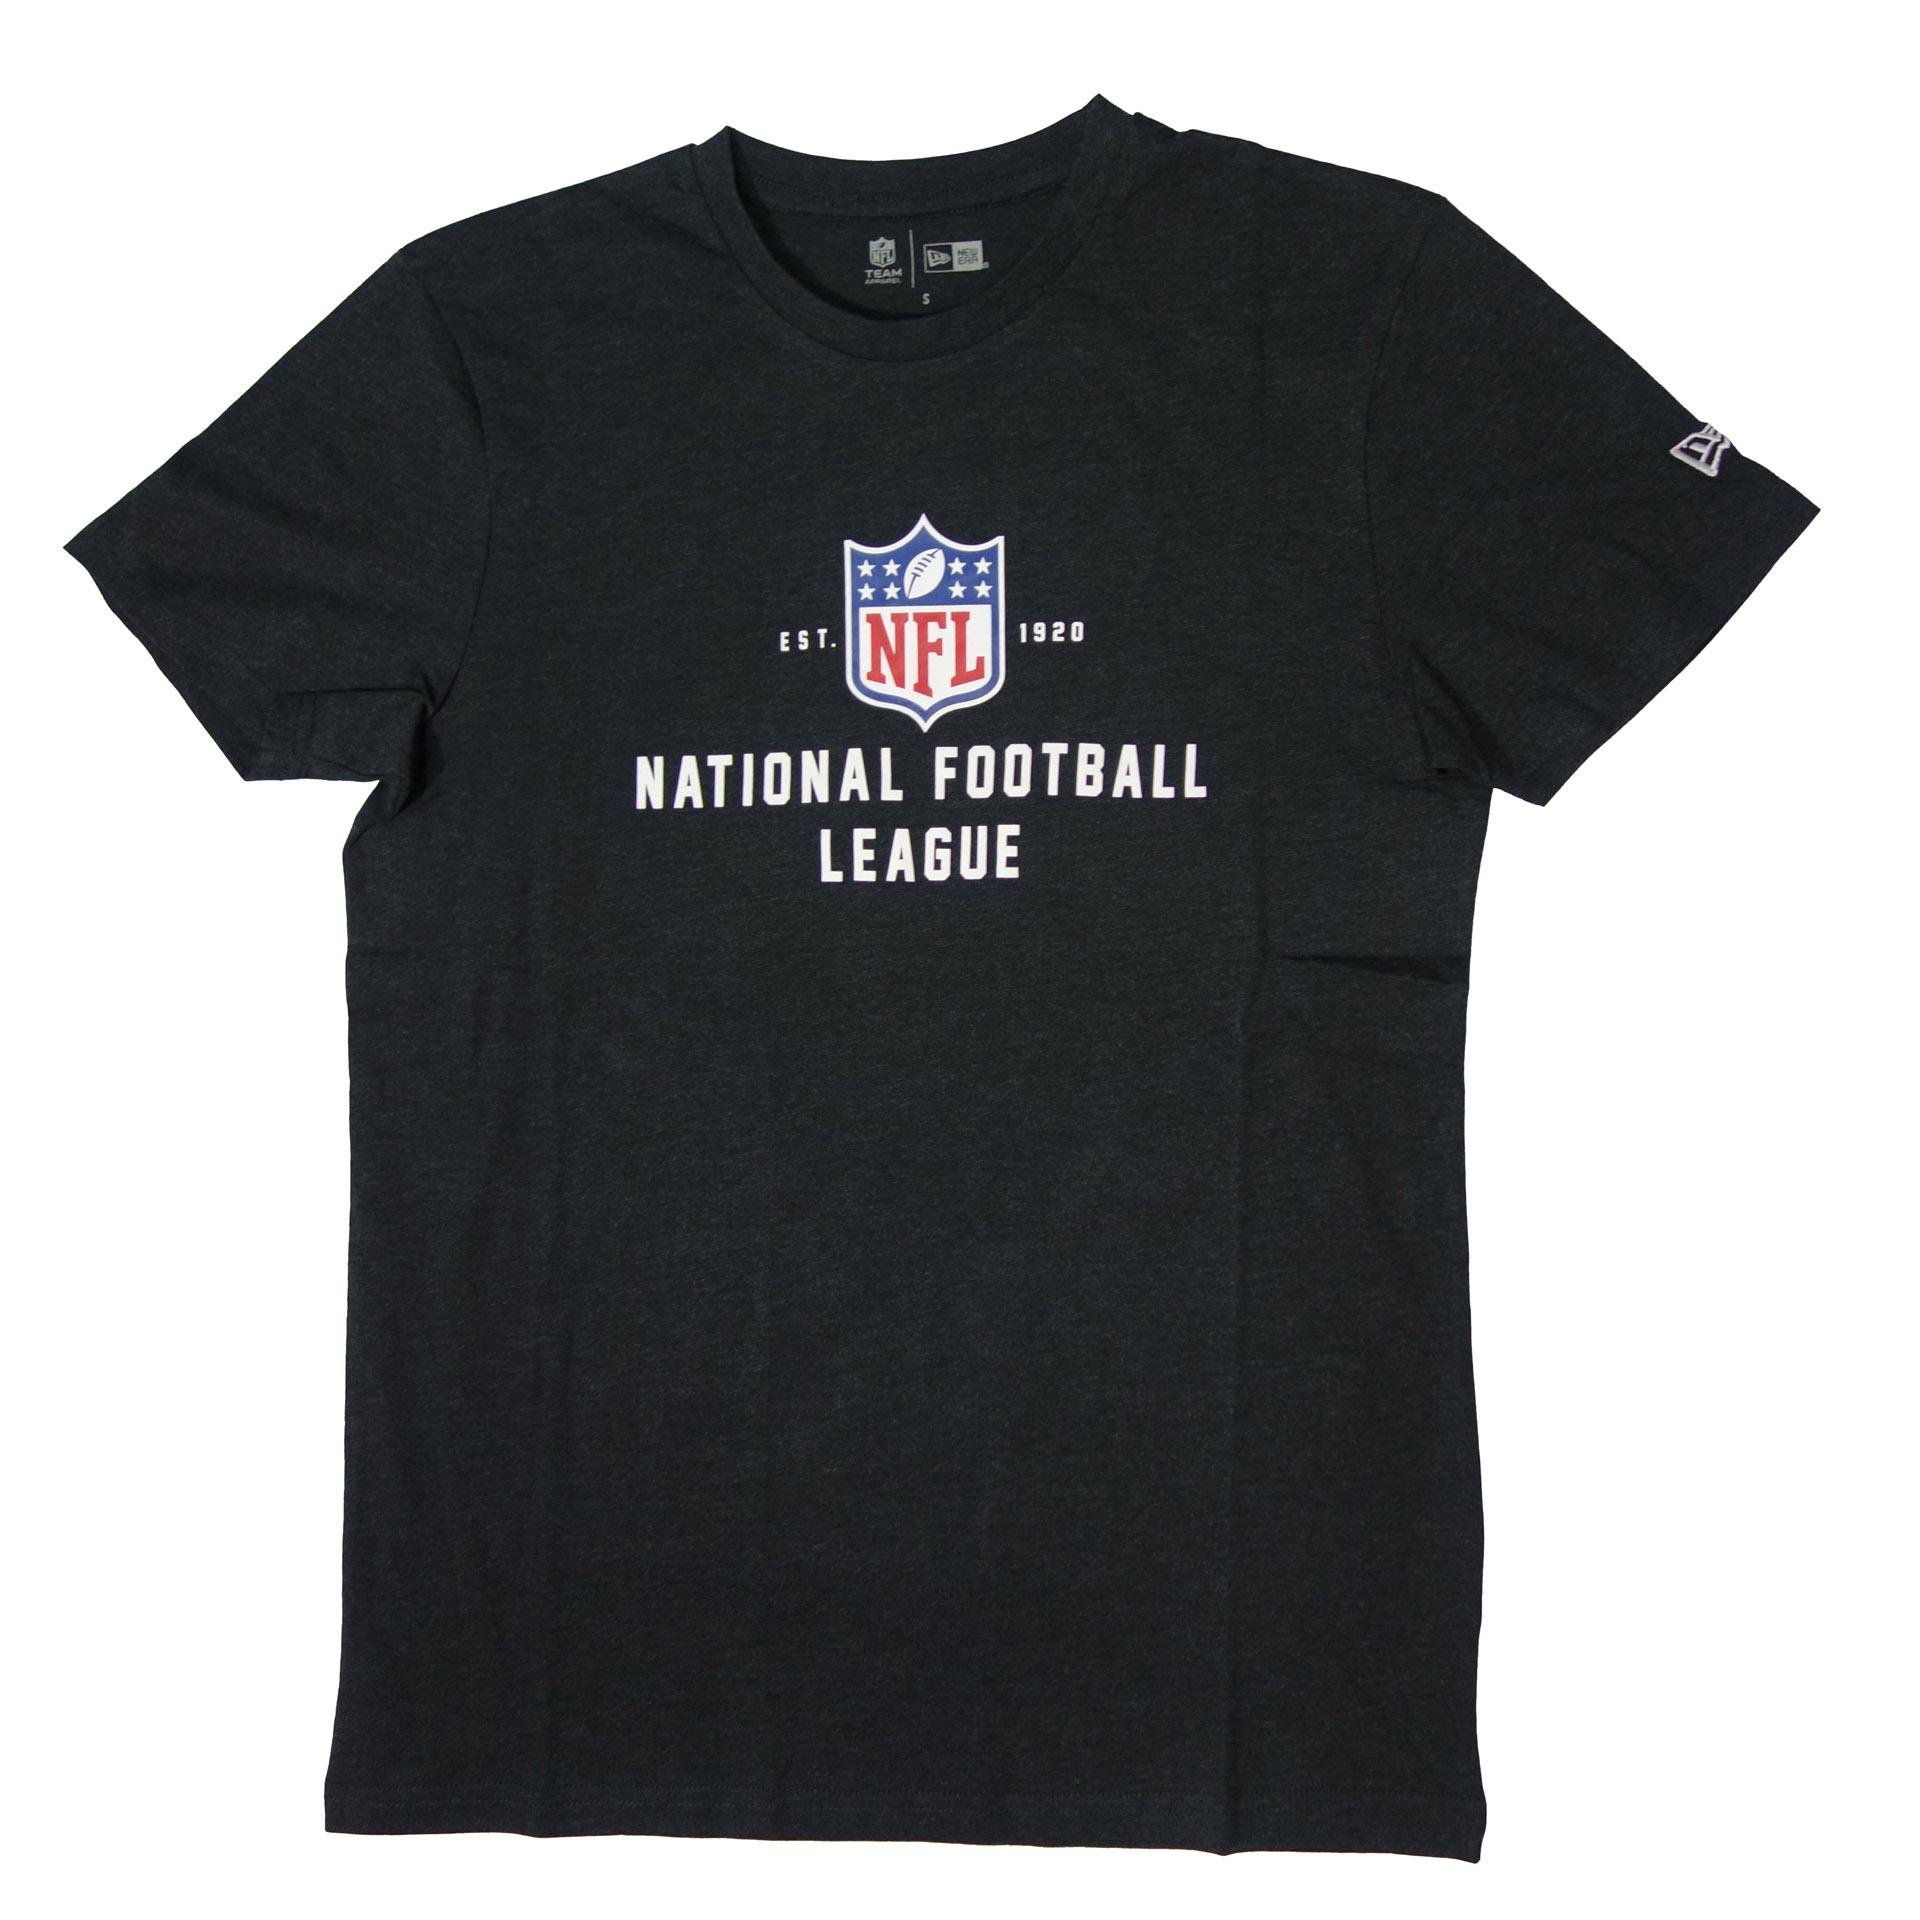 NFL T-Shirt National Football League